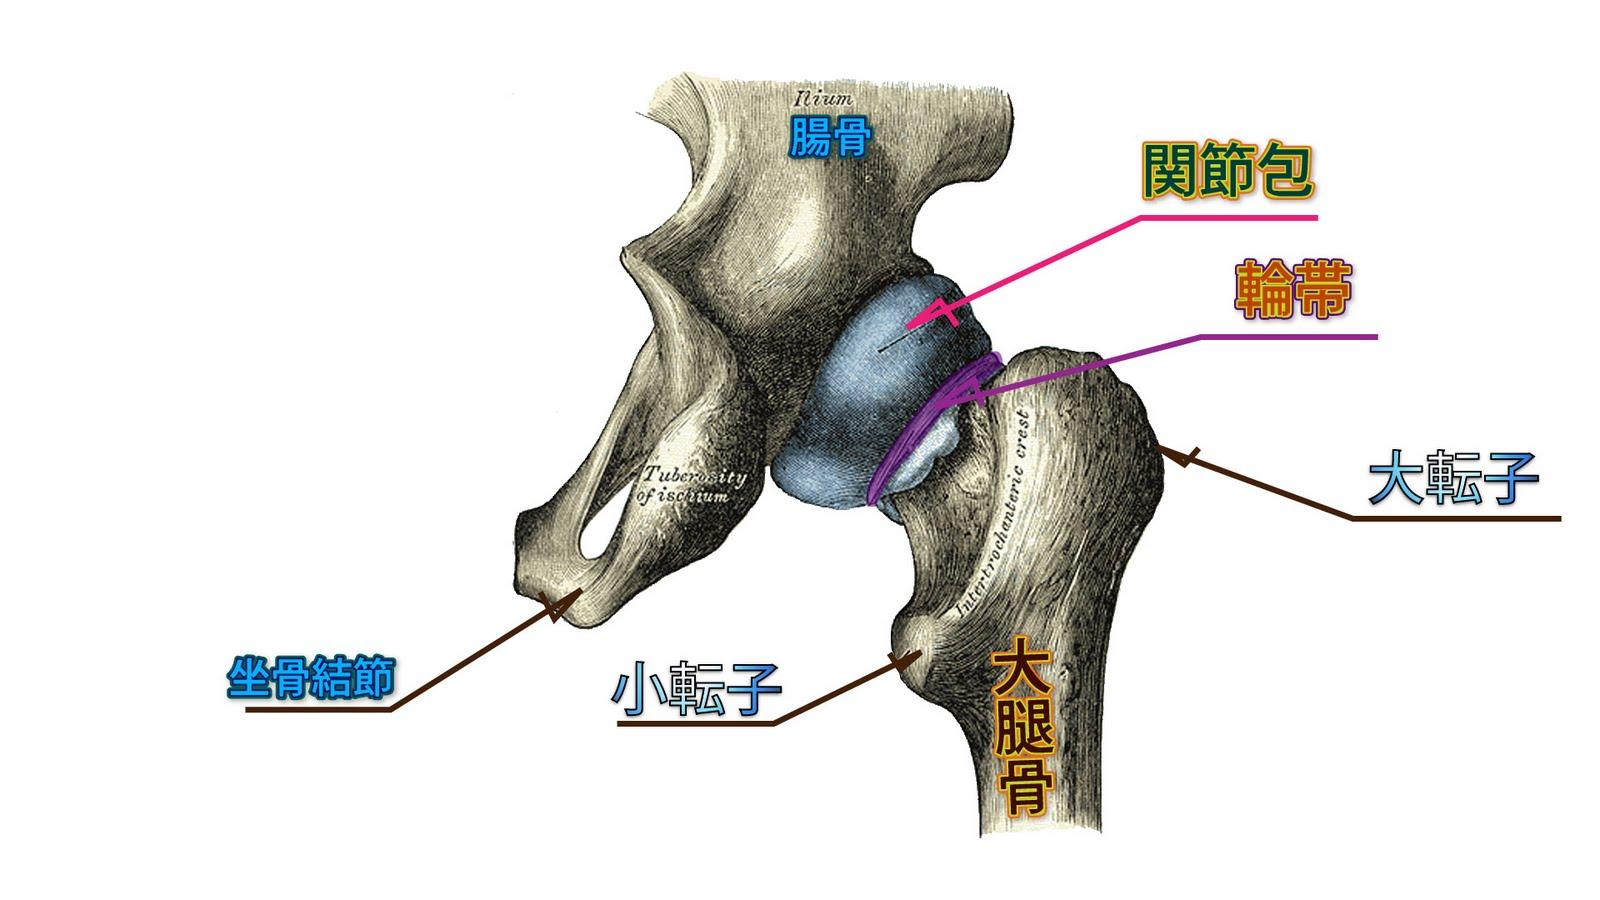 参考図書 中村隆一 ほか,基礎運動学 第6版,医歯薬出版. 2009 ... 理学療法士 Phy